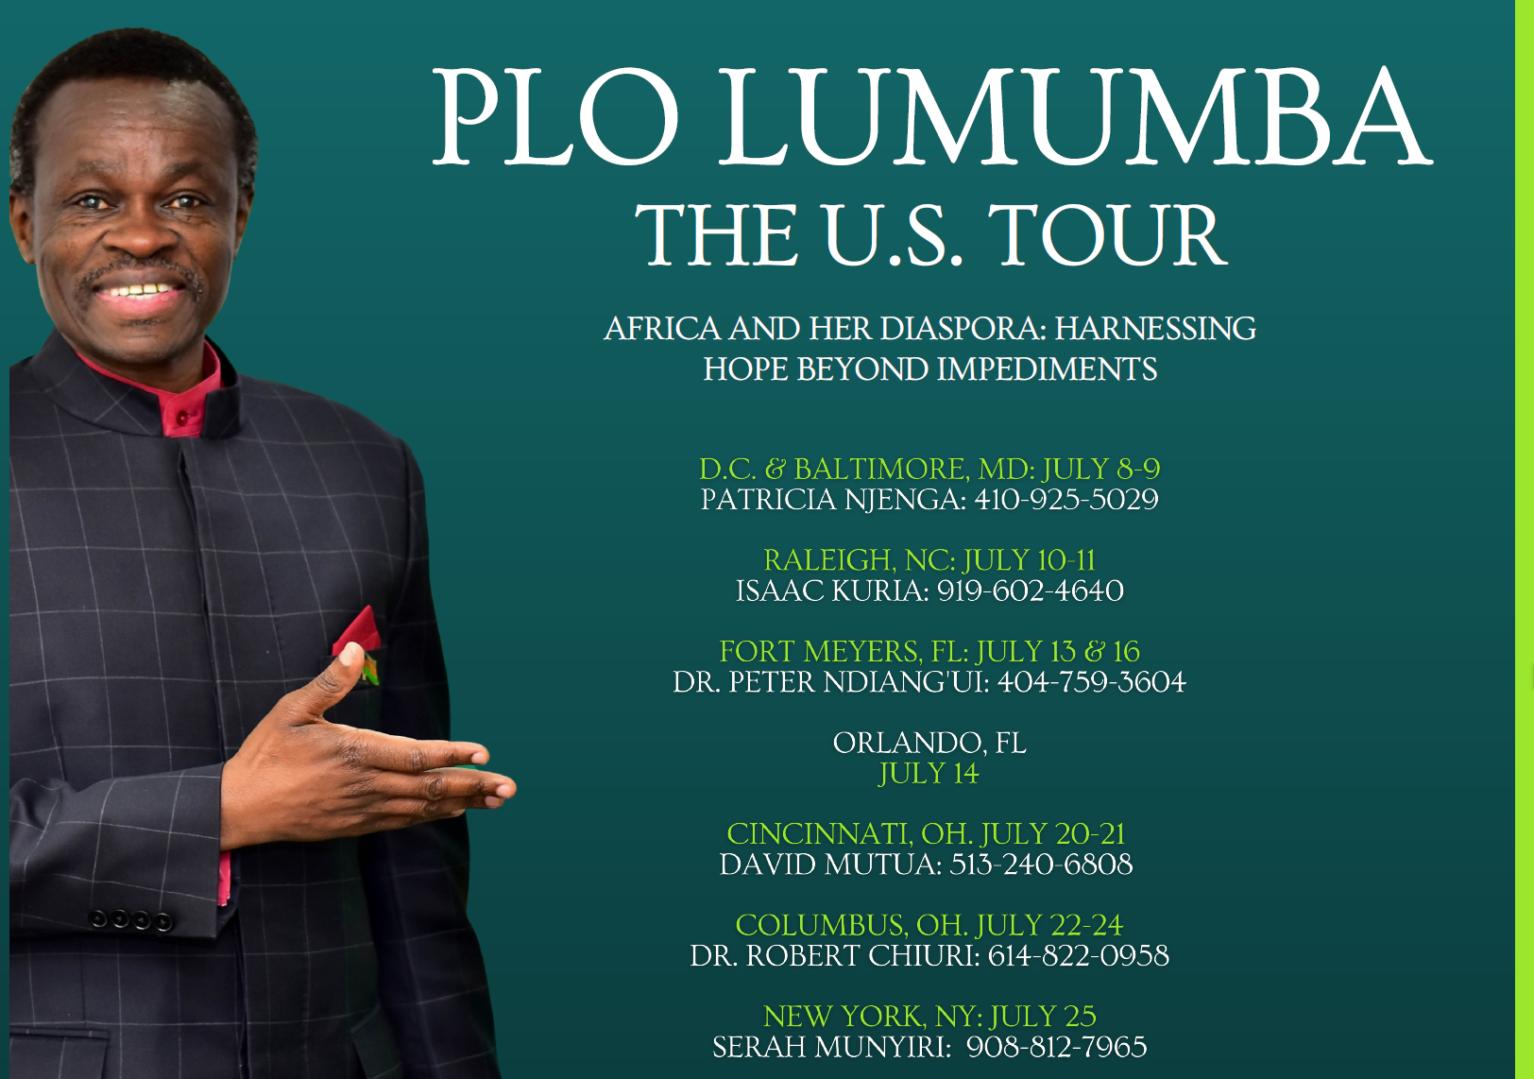 PLO USA Tour